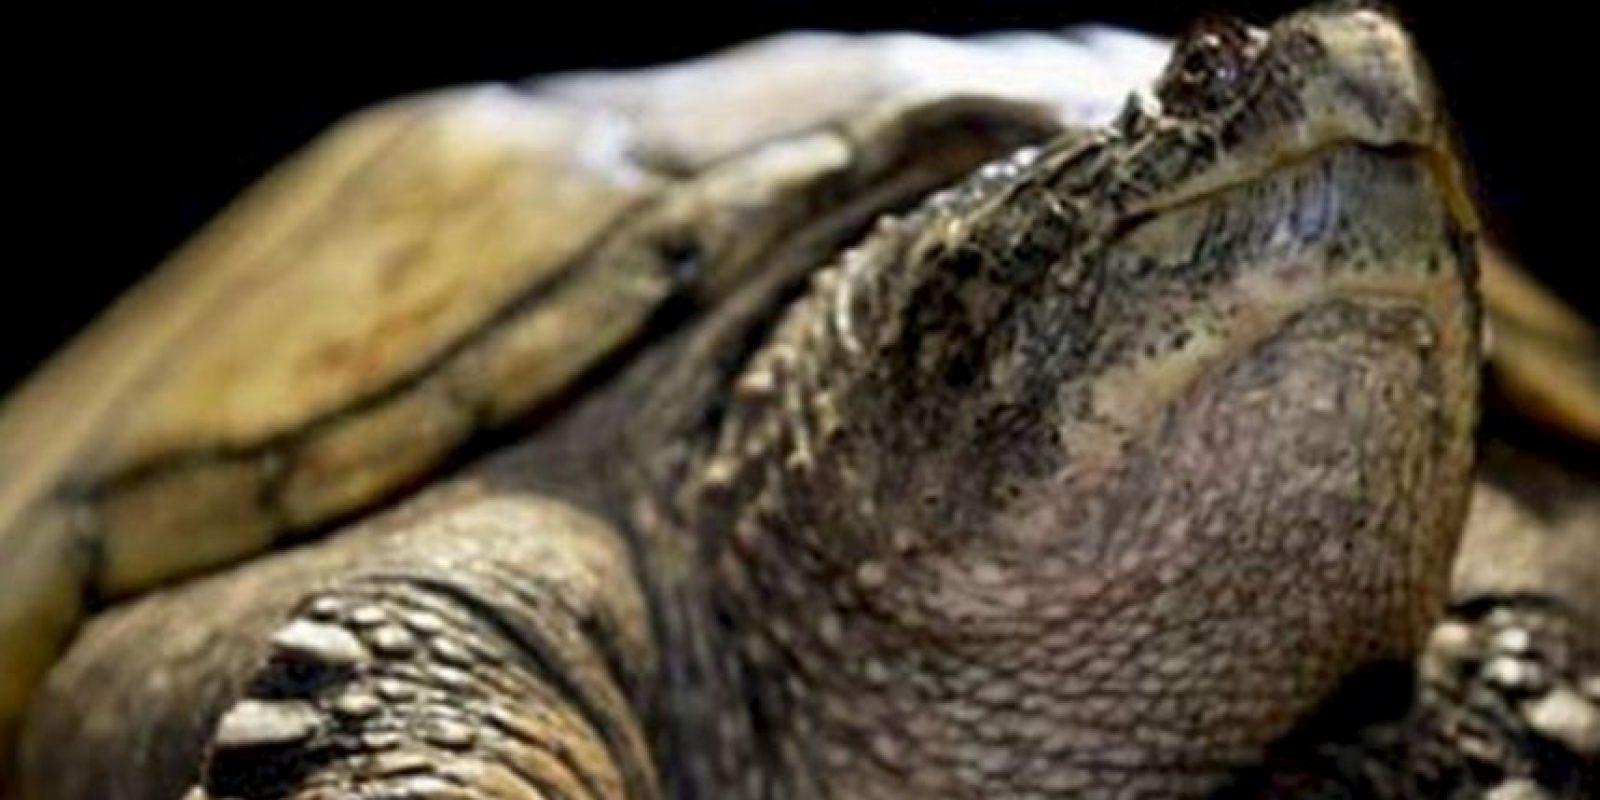 El escritor griego Esquilo fue aplastado por una tortuga que cayó del cielo. Le profetizaron que moriría al caerle una casa encima. Foto:Wikipedia